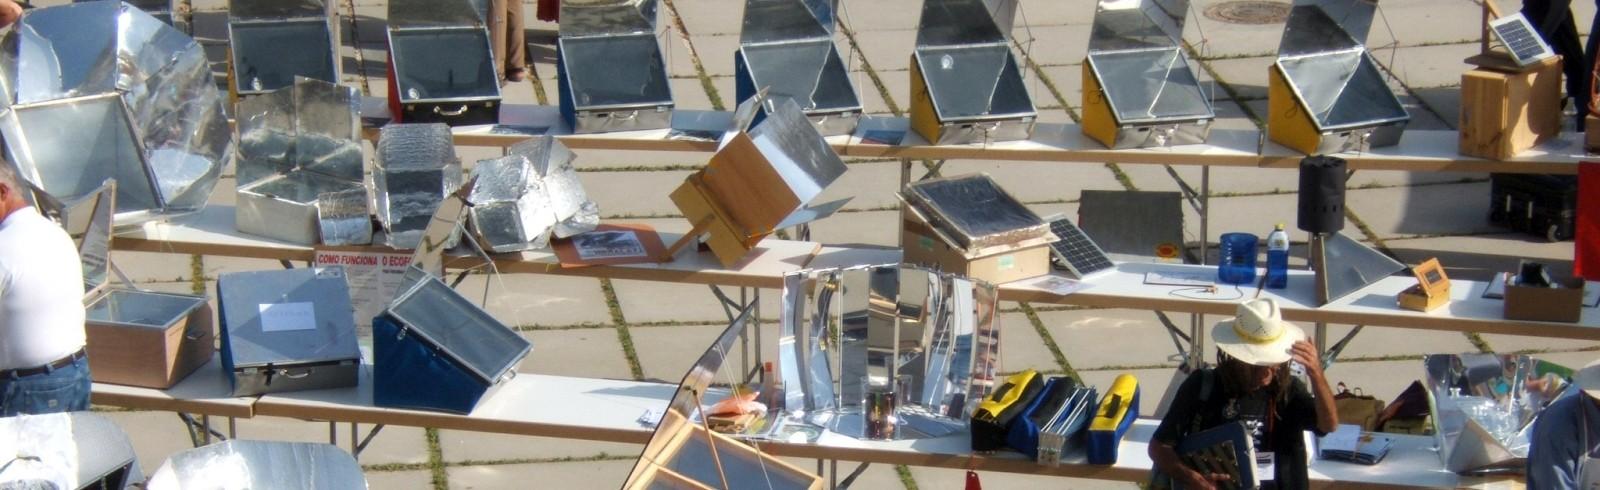 Solarkocherausstellung Granada, Spanien 2006